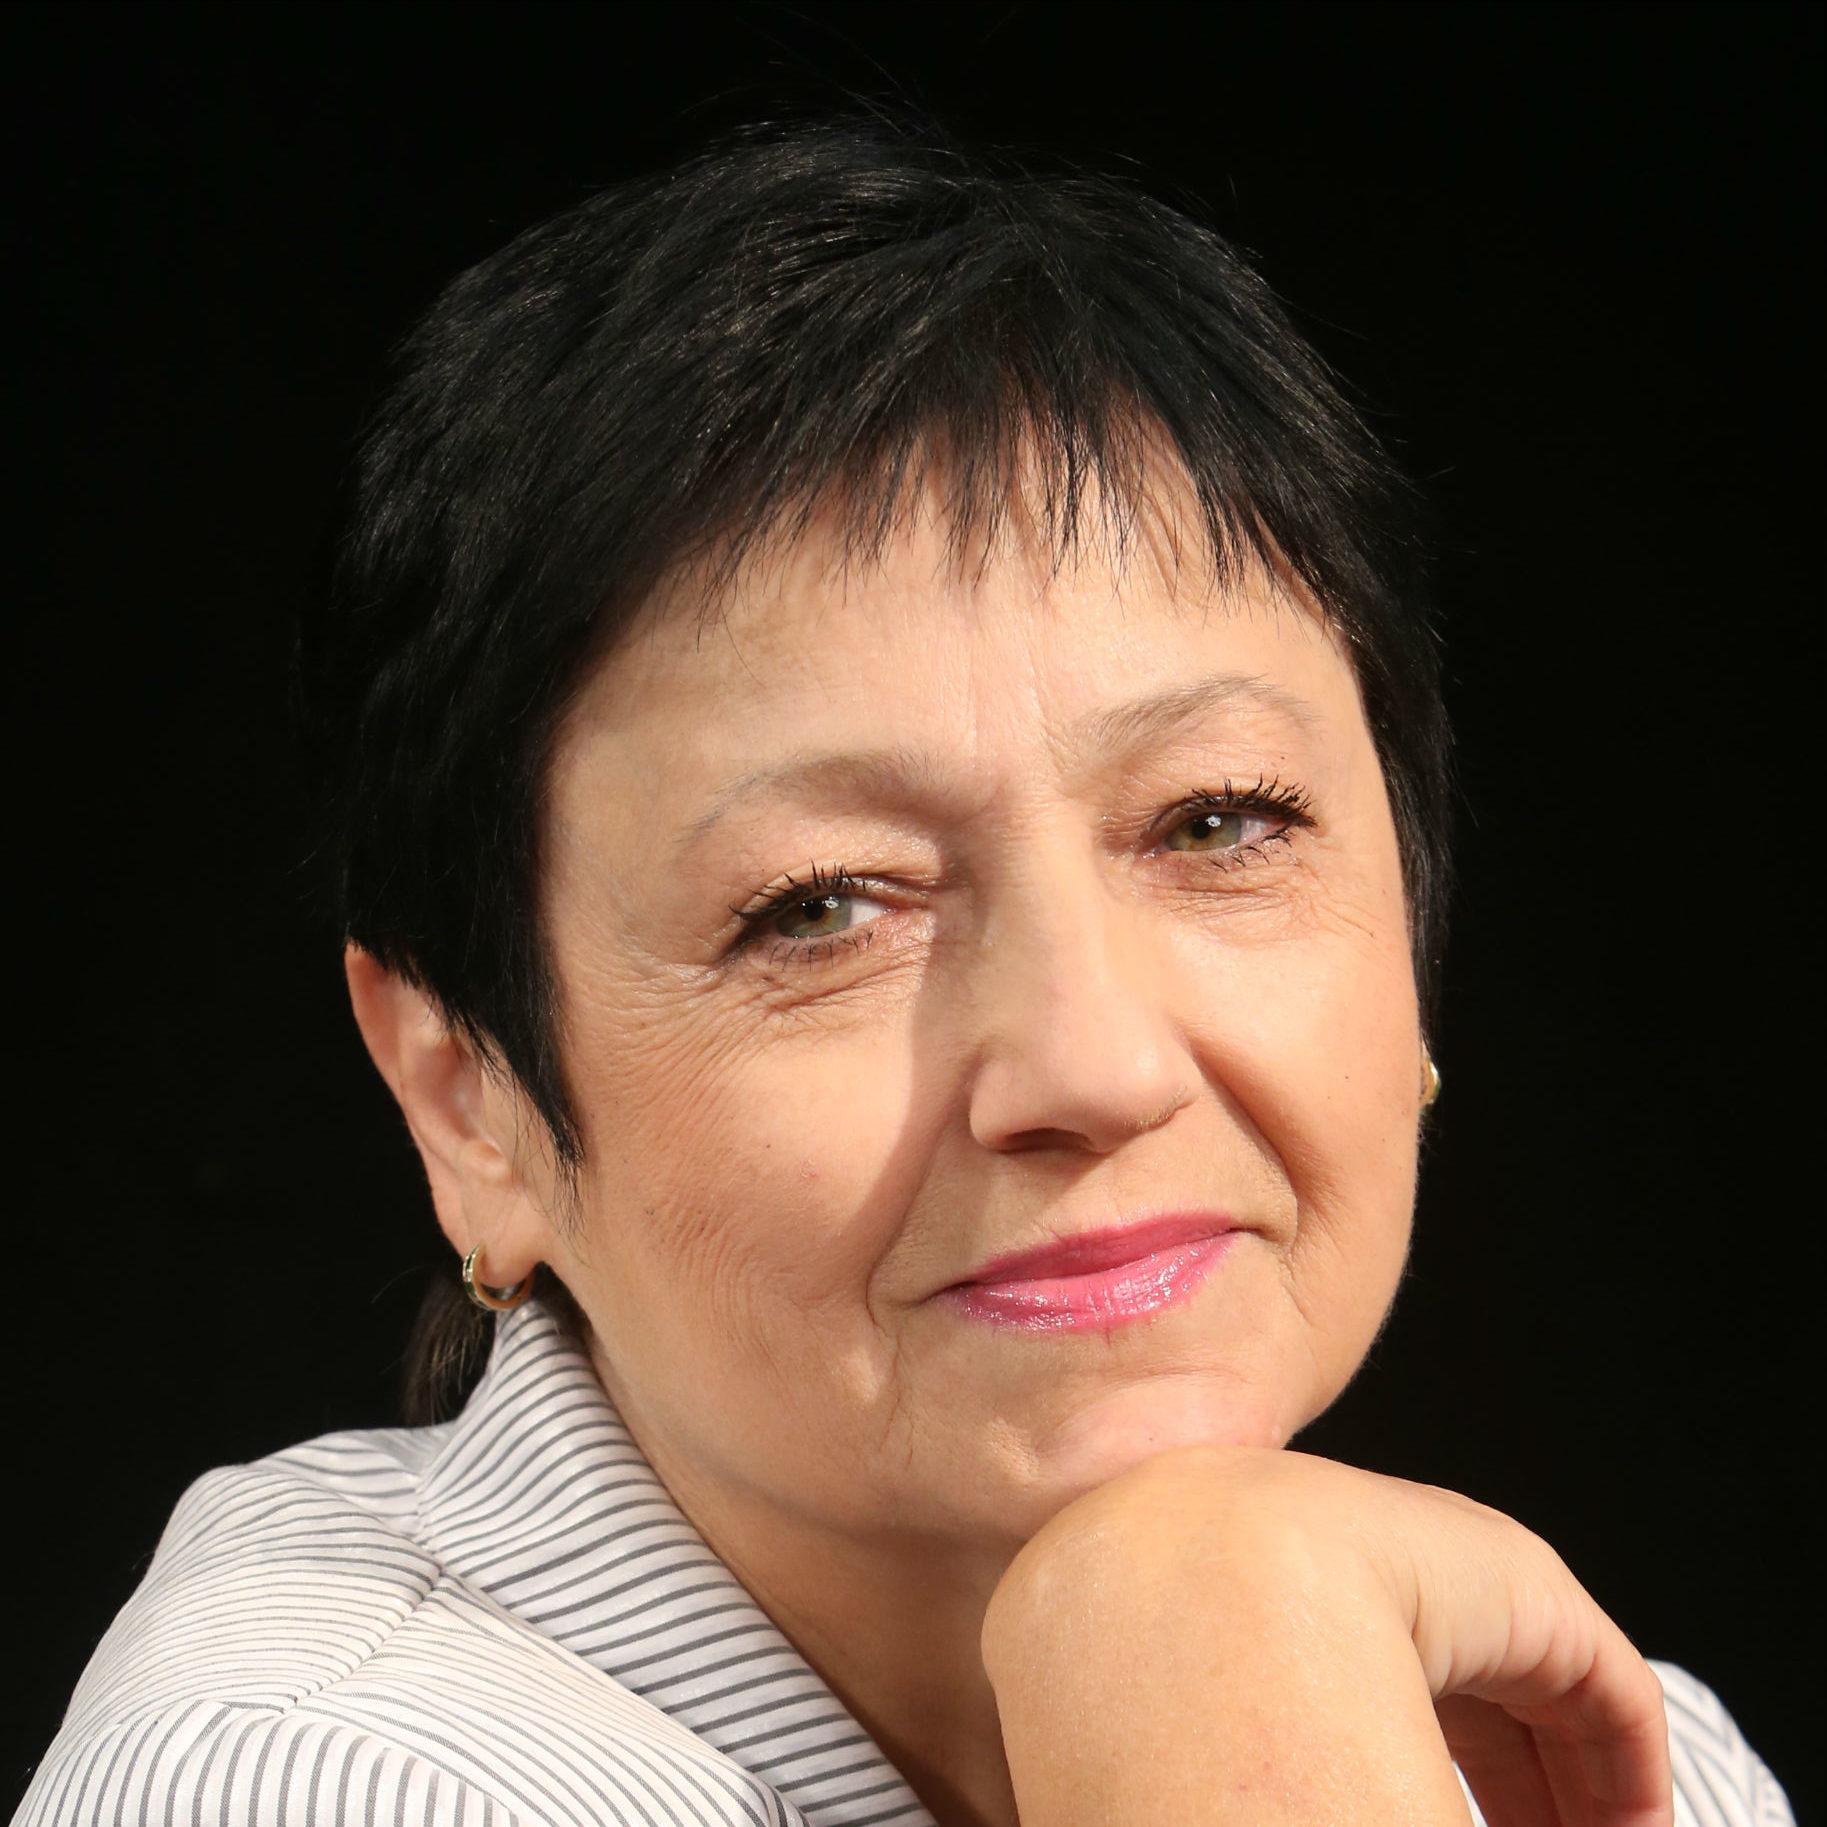 Людмила Мартьянова